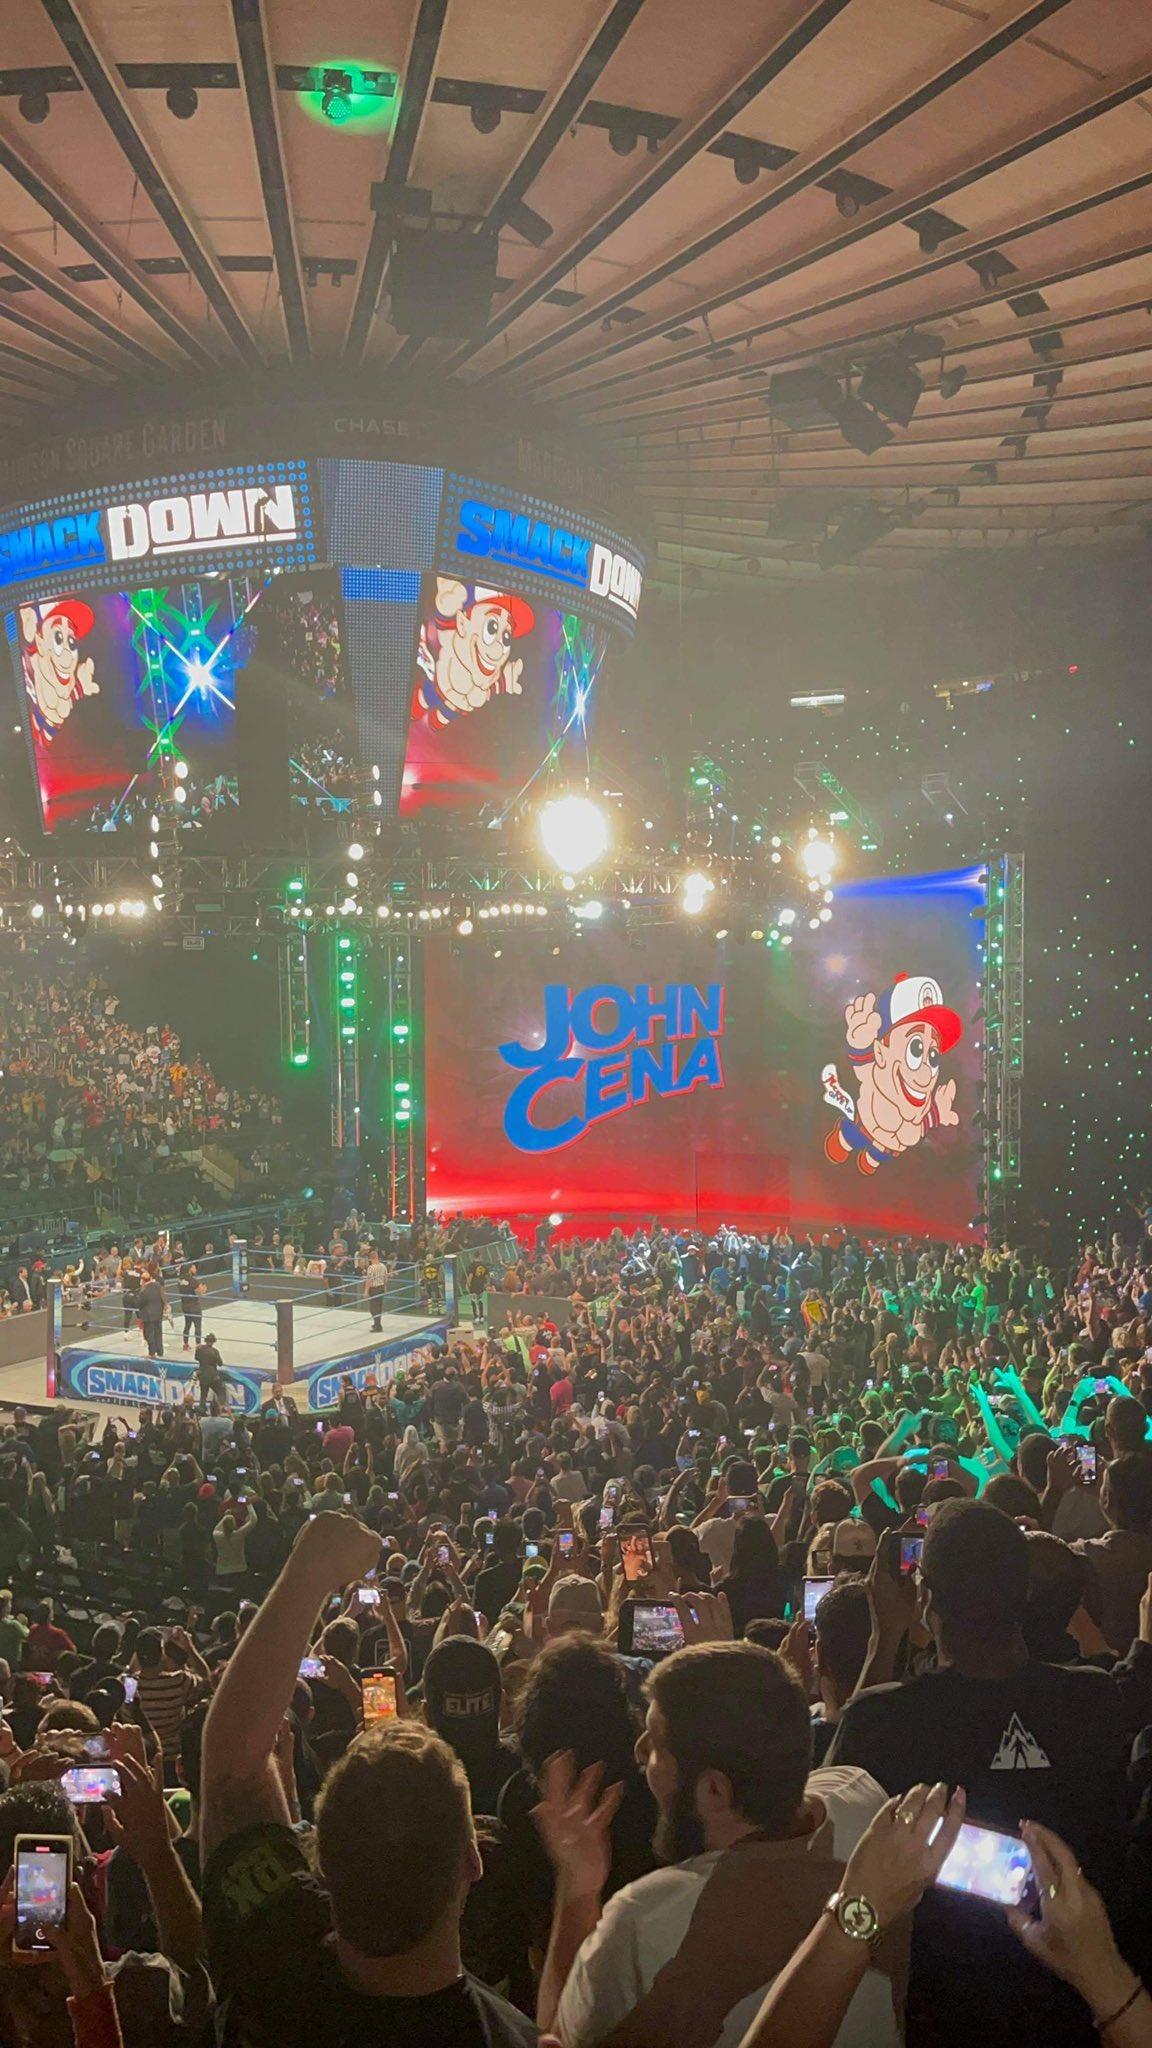 WWE Super Smackdown: John Cena Returns After Summerslam 2021 Loss 1